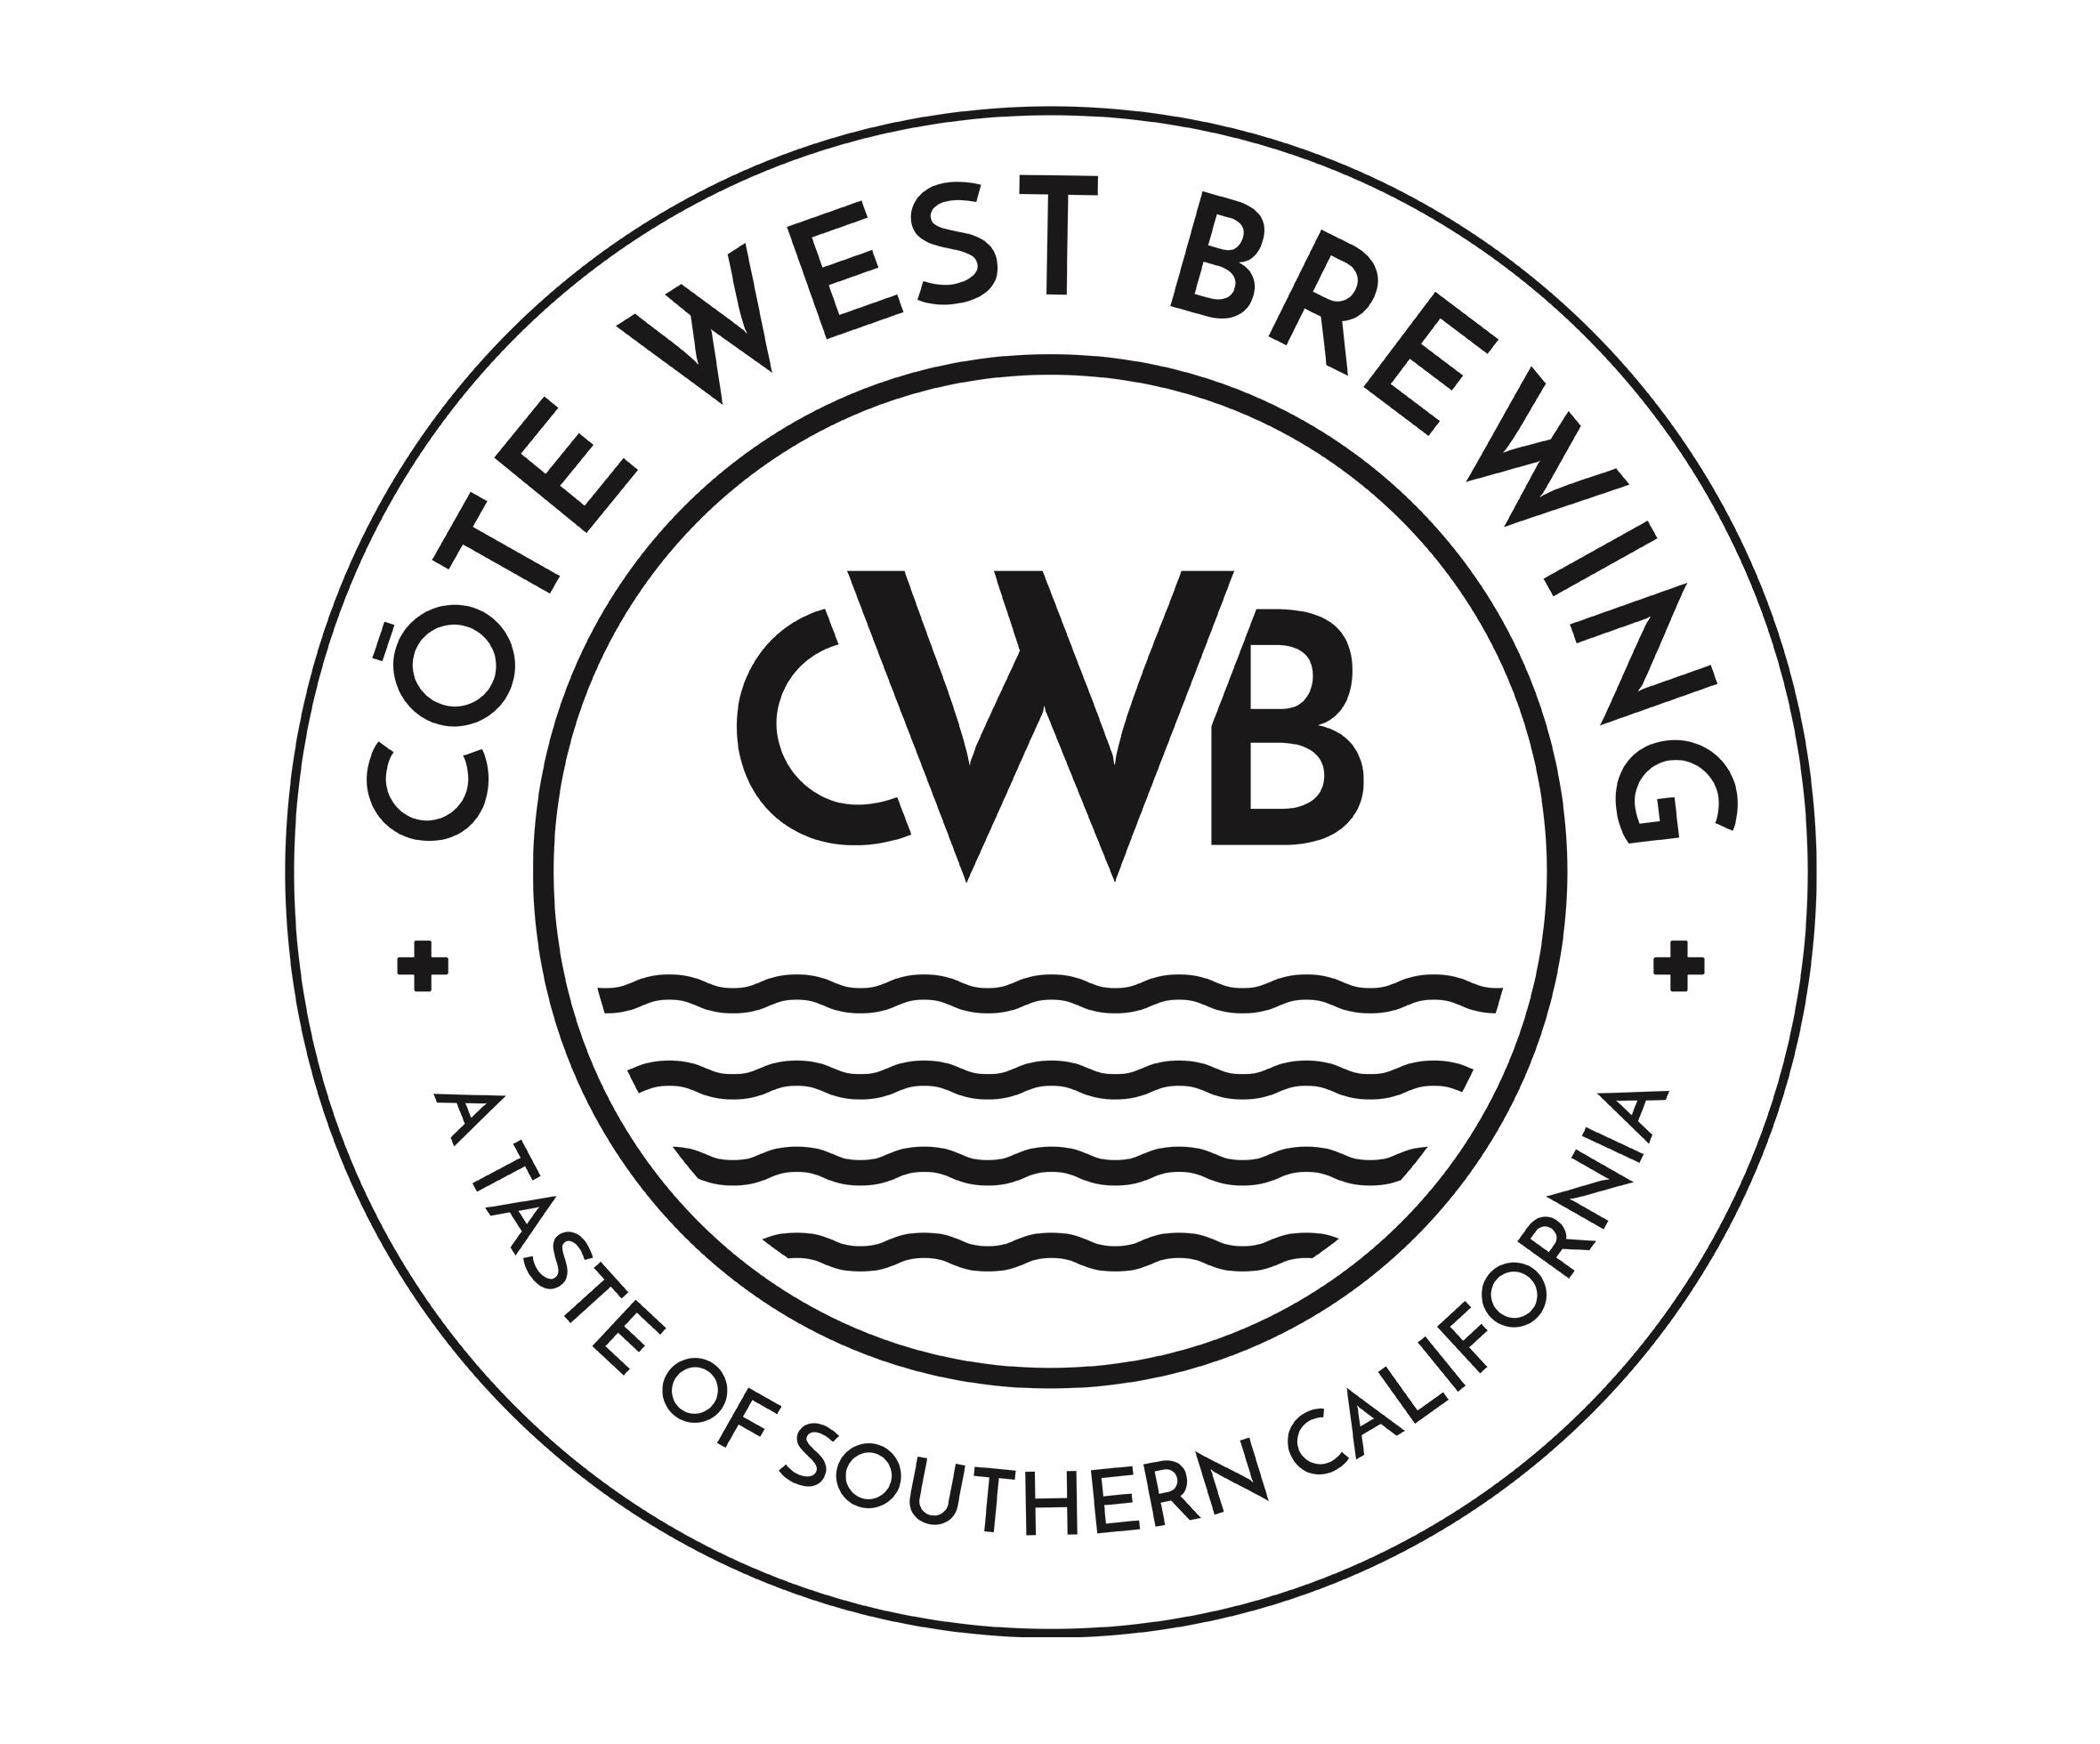 Côte West Brewing